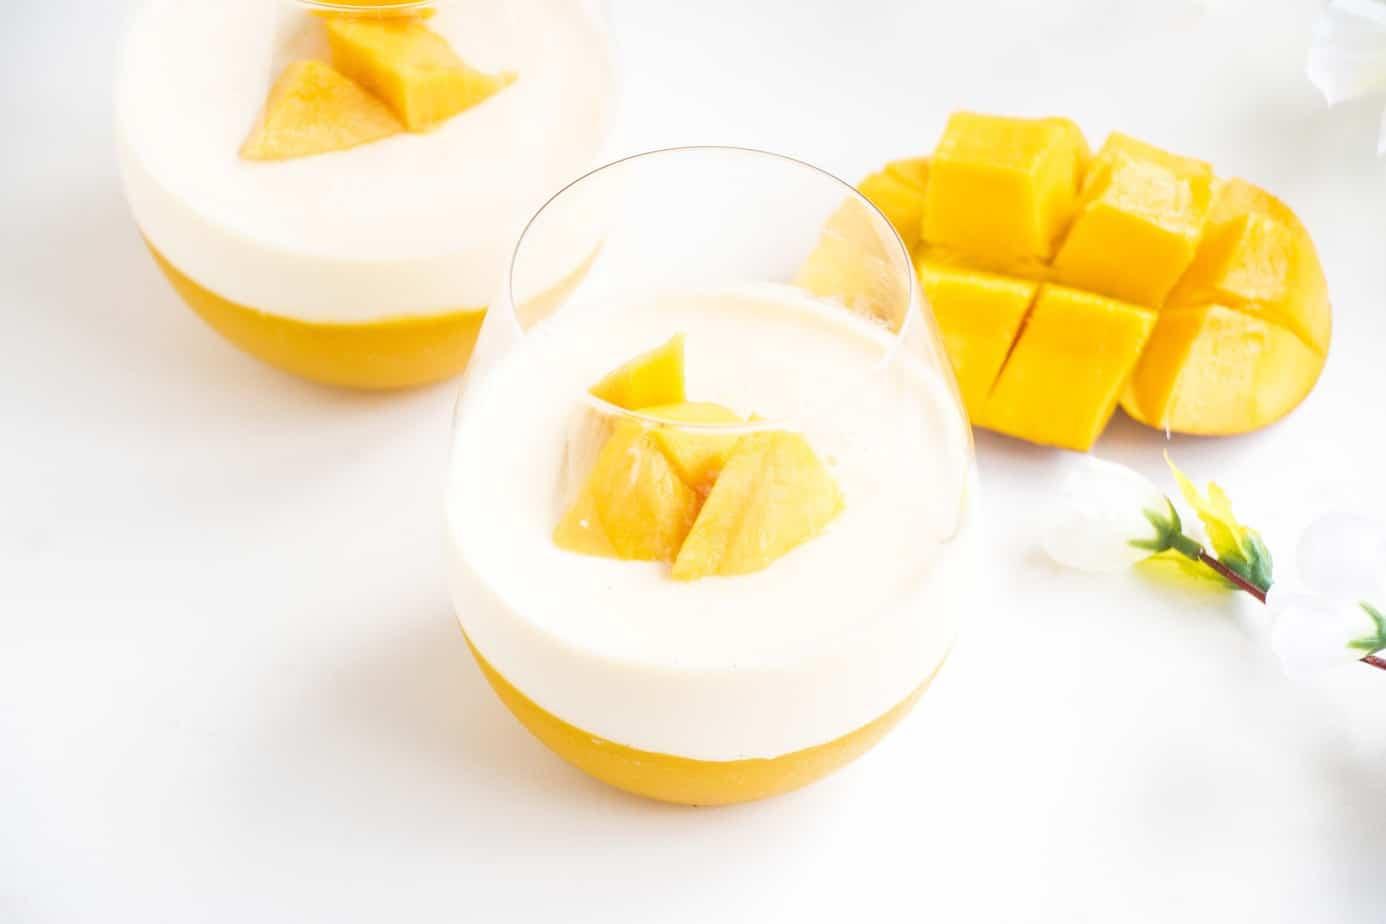 Refreshing Mango Panna cotta - Baking-Ginger